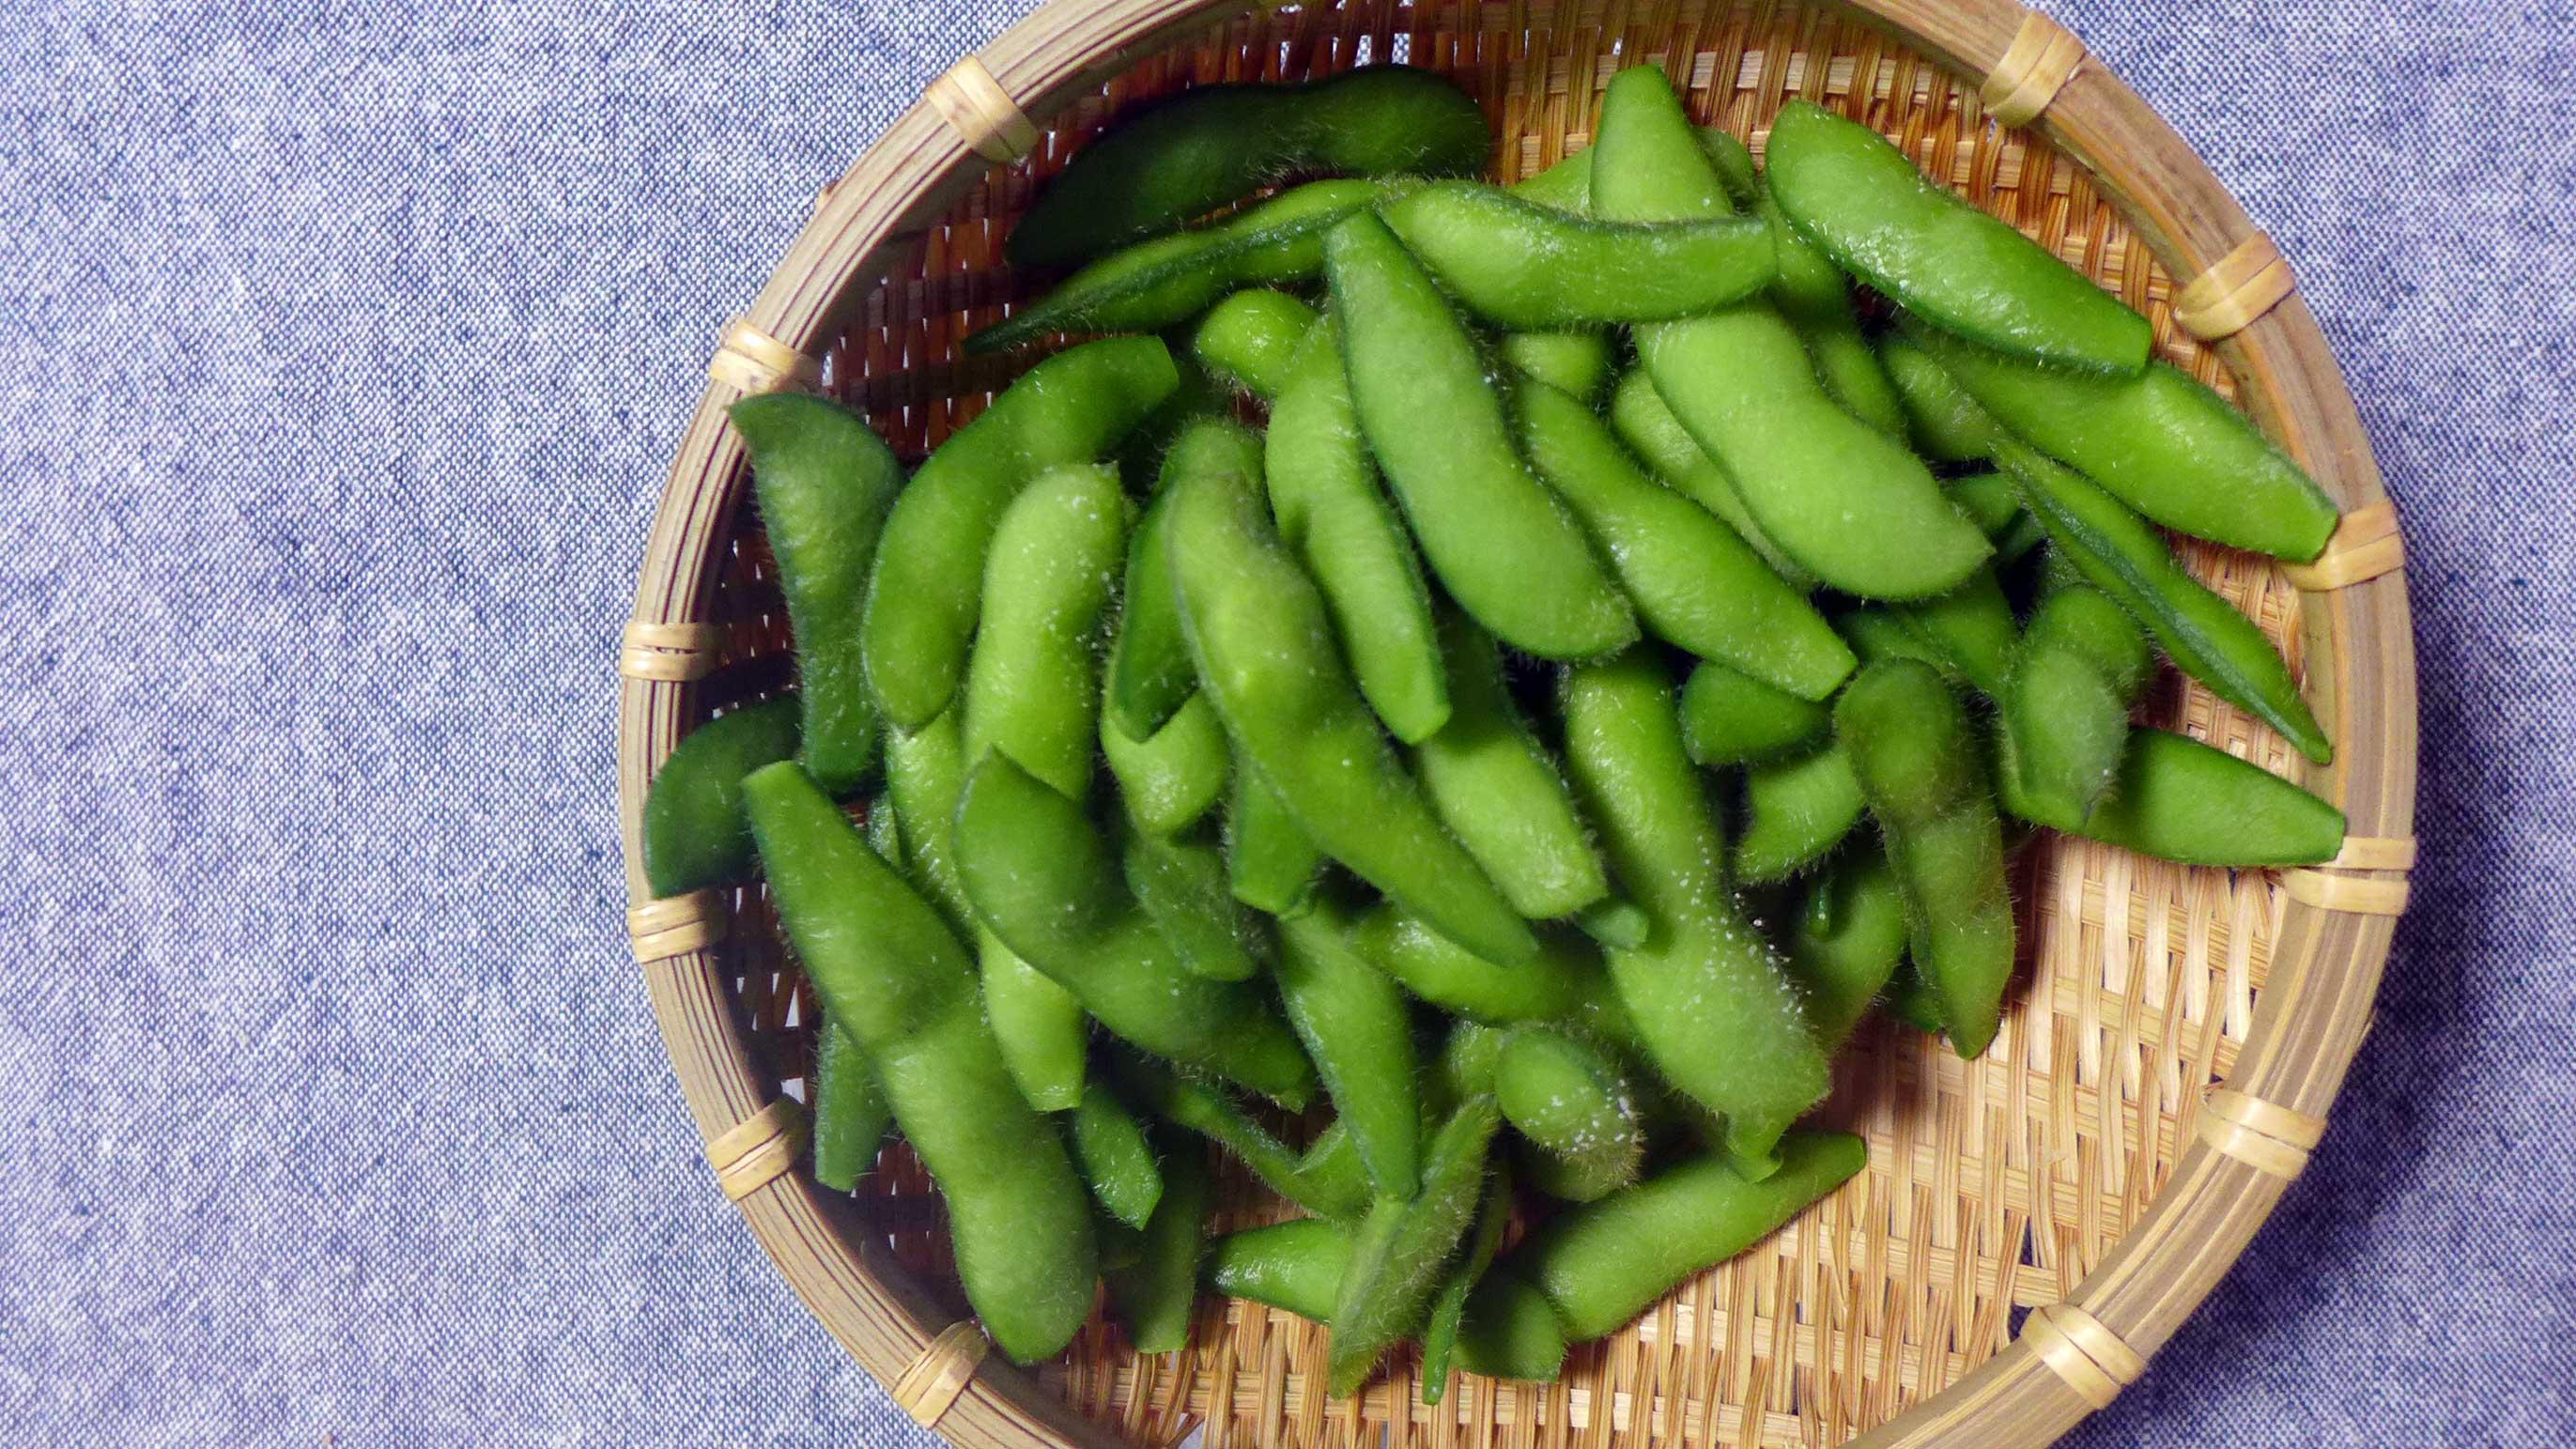 枝豆の季節!おいしい枝豆「湯上り娘」